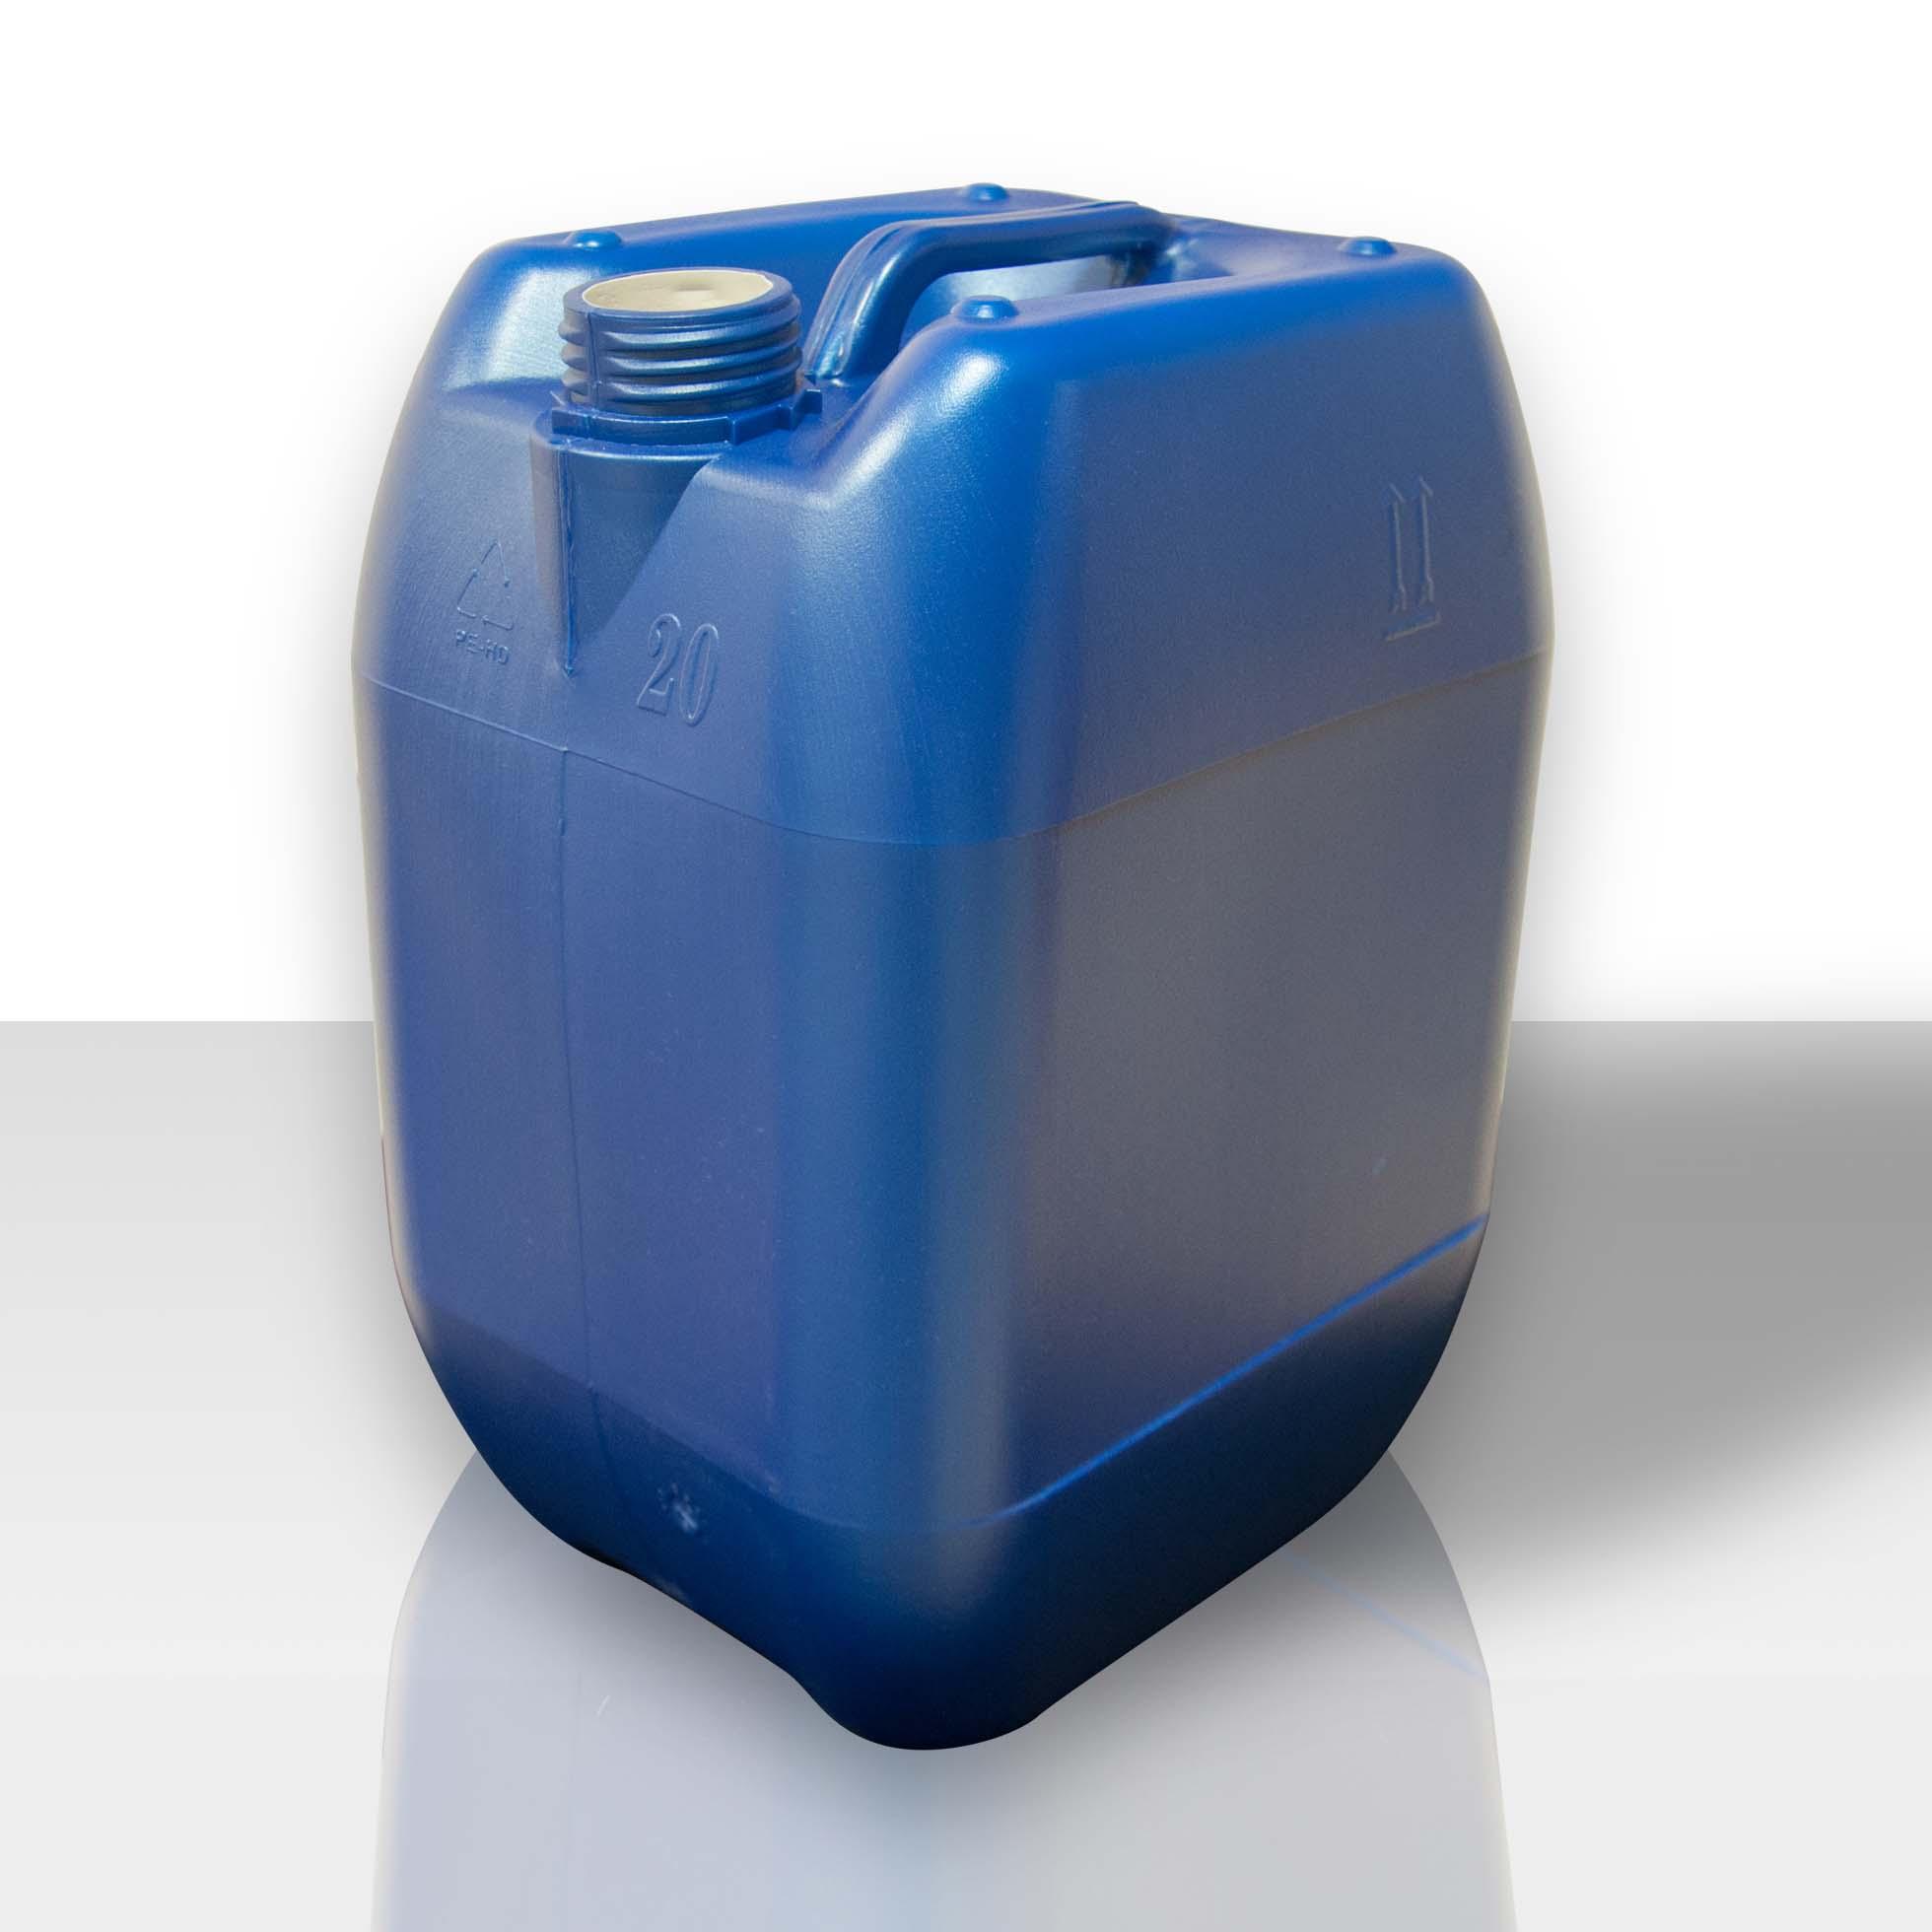 تفاوت مدل و قیمت دبه و گالن پلاستیکی 20 لیتری